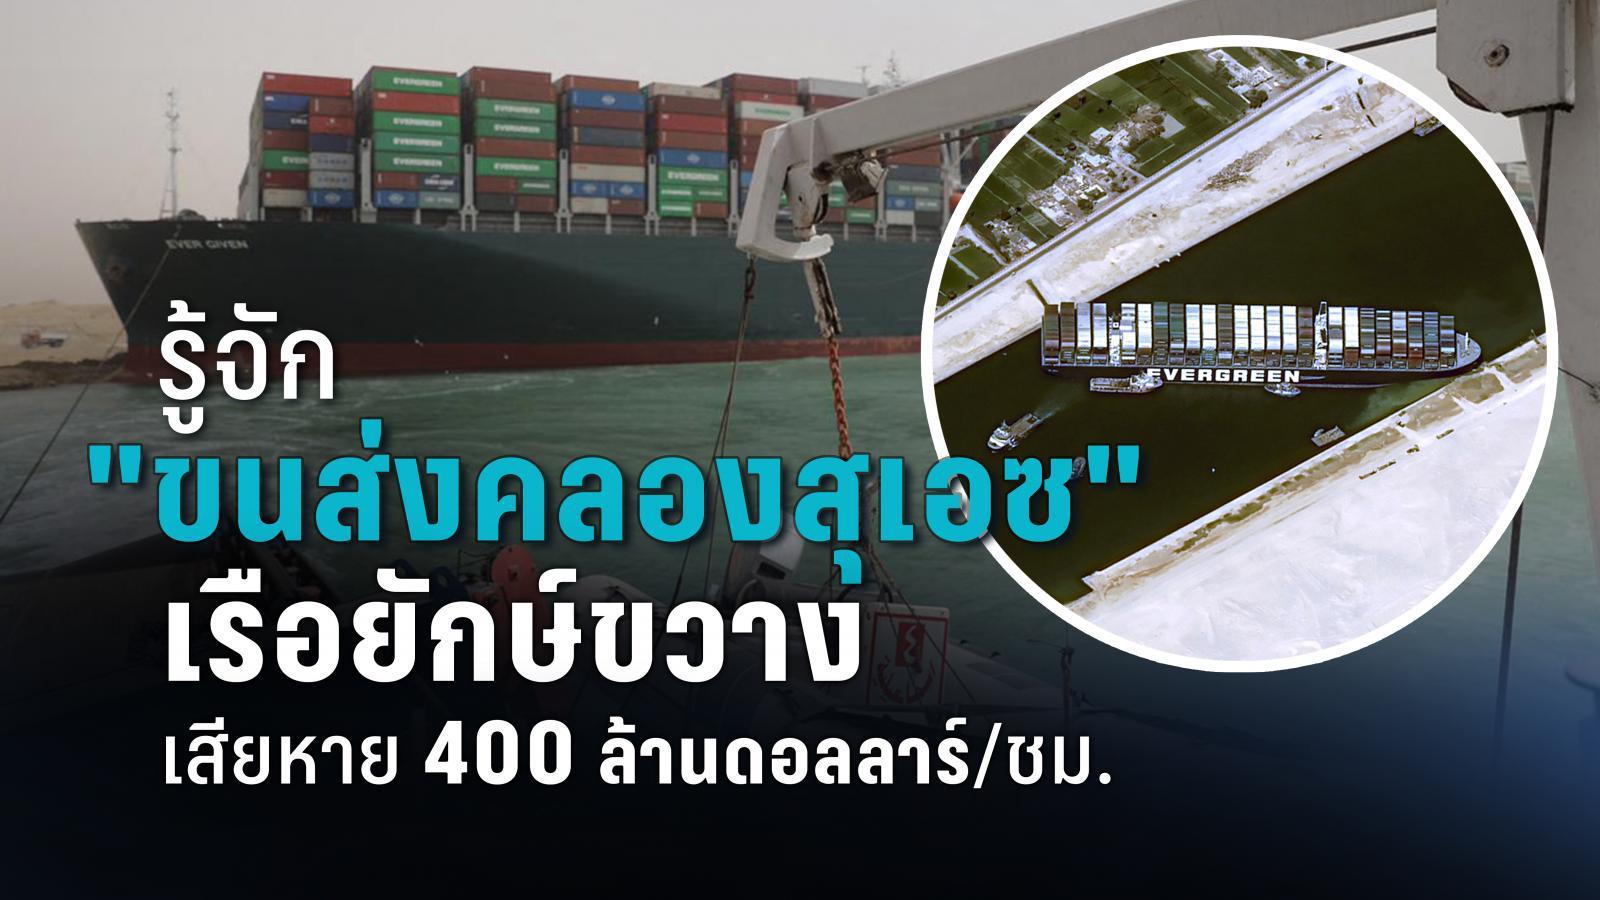 """รู้จัก """"ขนส่งคลองสุเอซ"""" ถูกเรือยักษ์ขวางเสียหาย 400 ล้านดอลลาร์/ชม."""